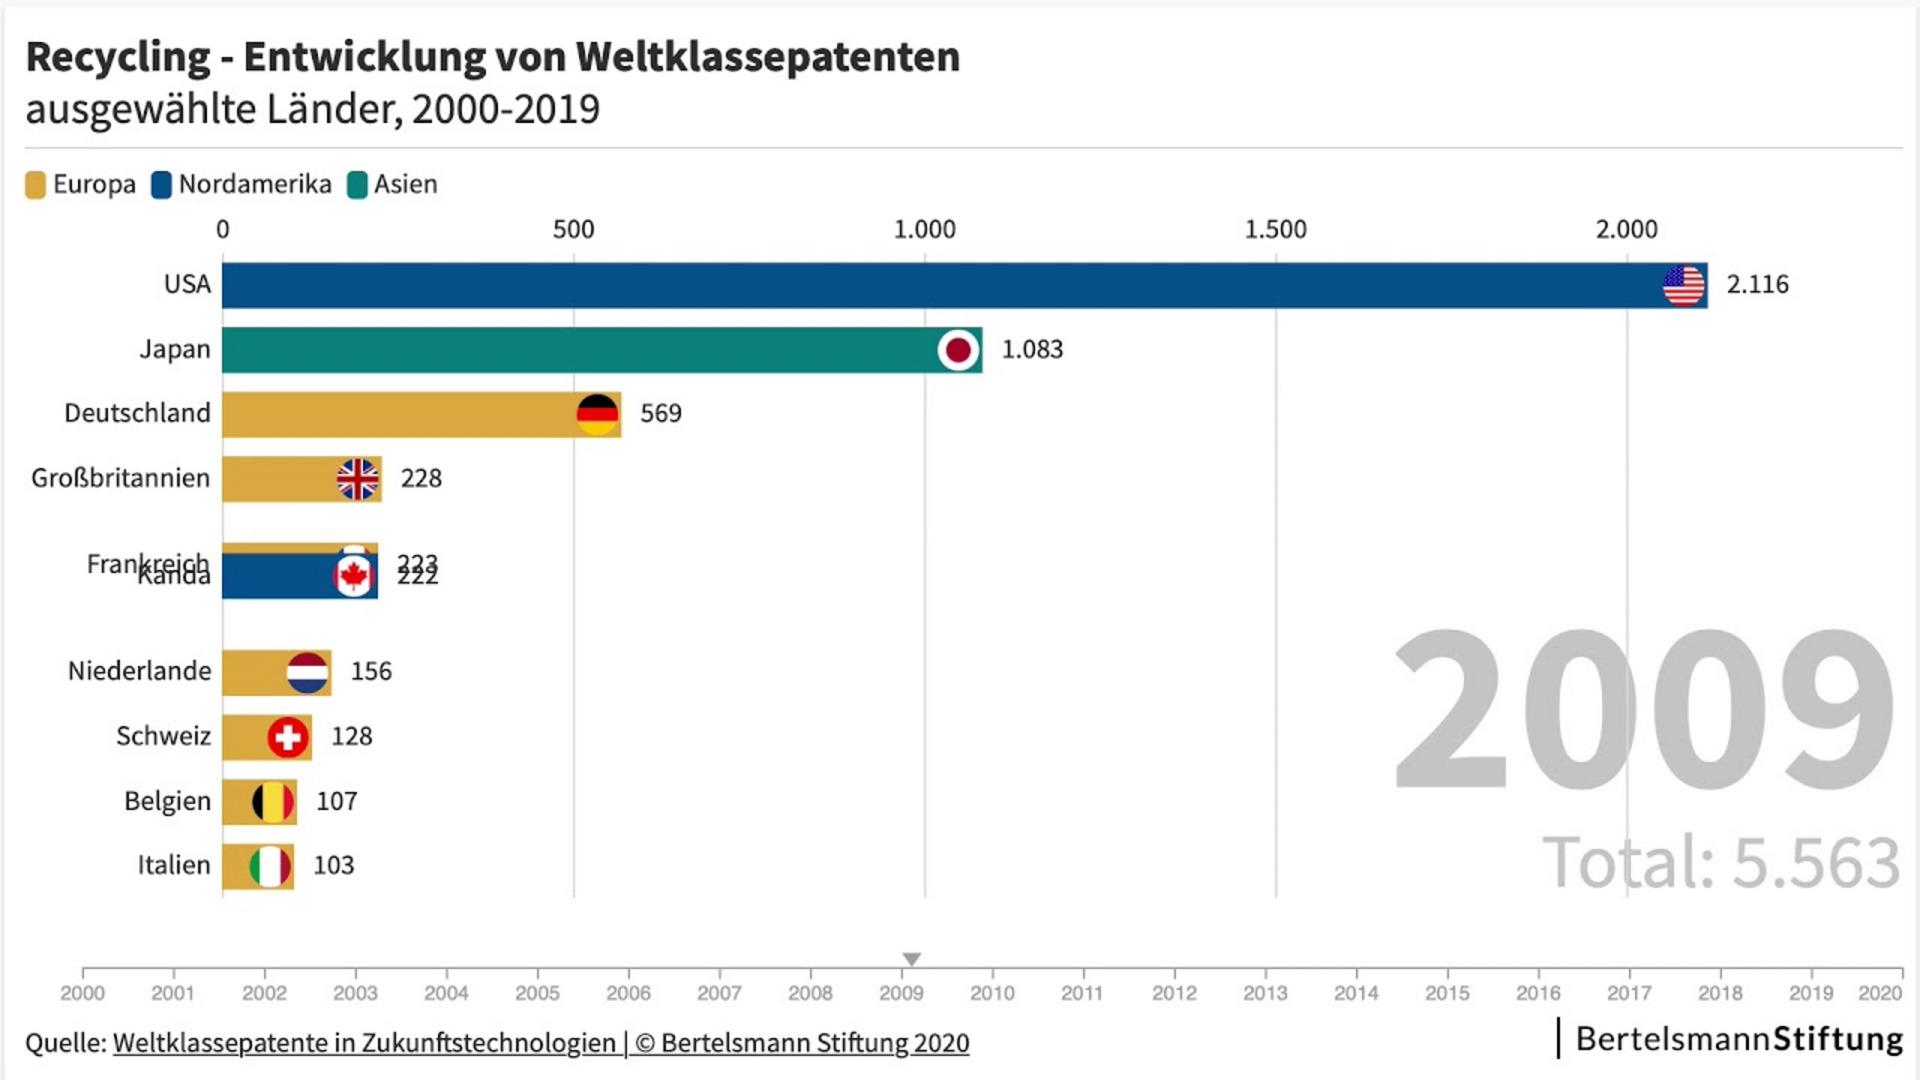 Innovationsstandort Deutschland bei Zukunftstechnologien unter Druck